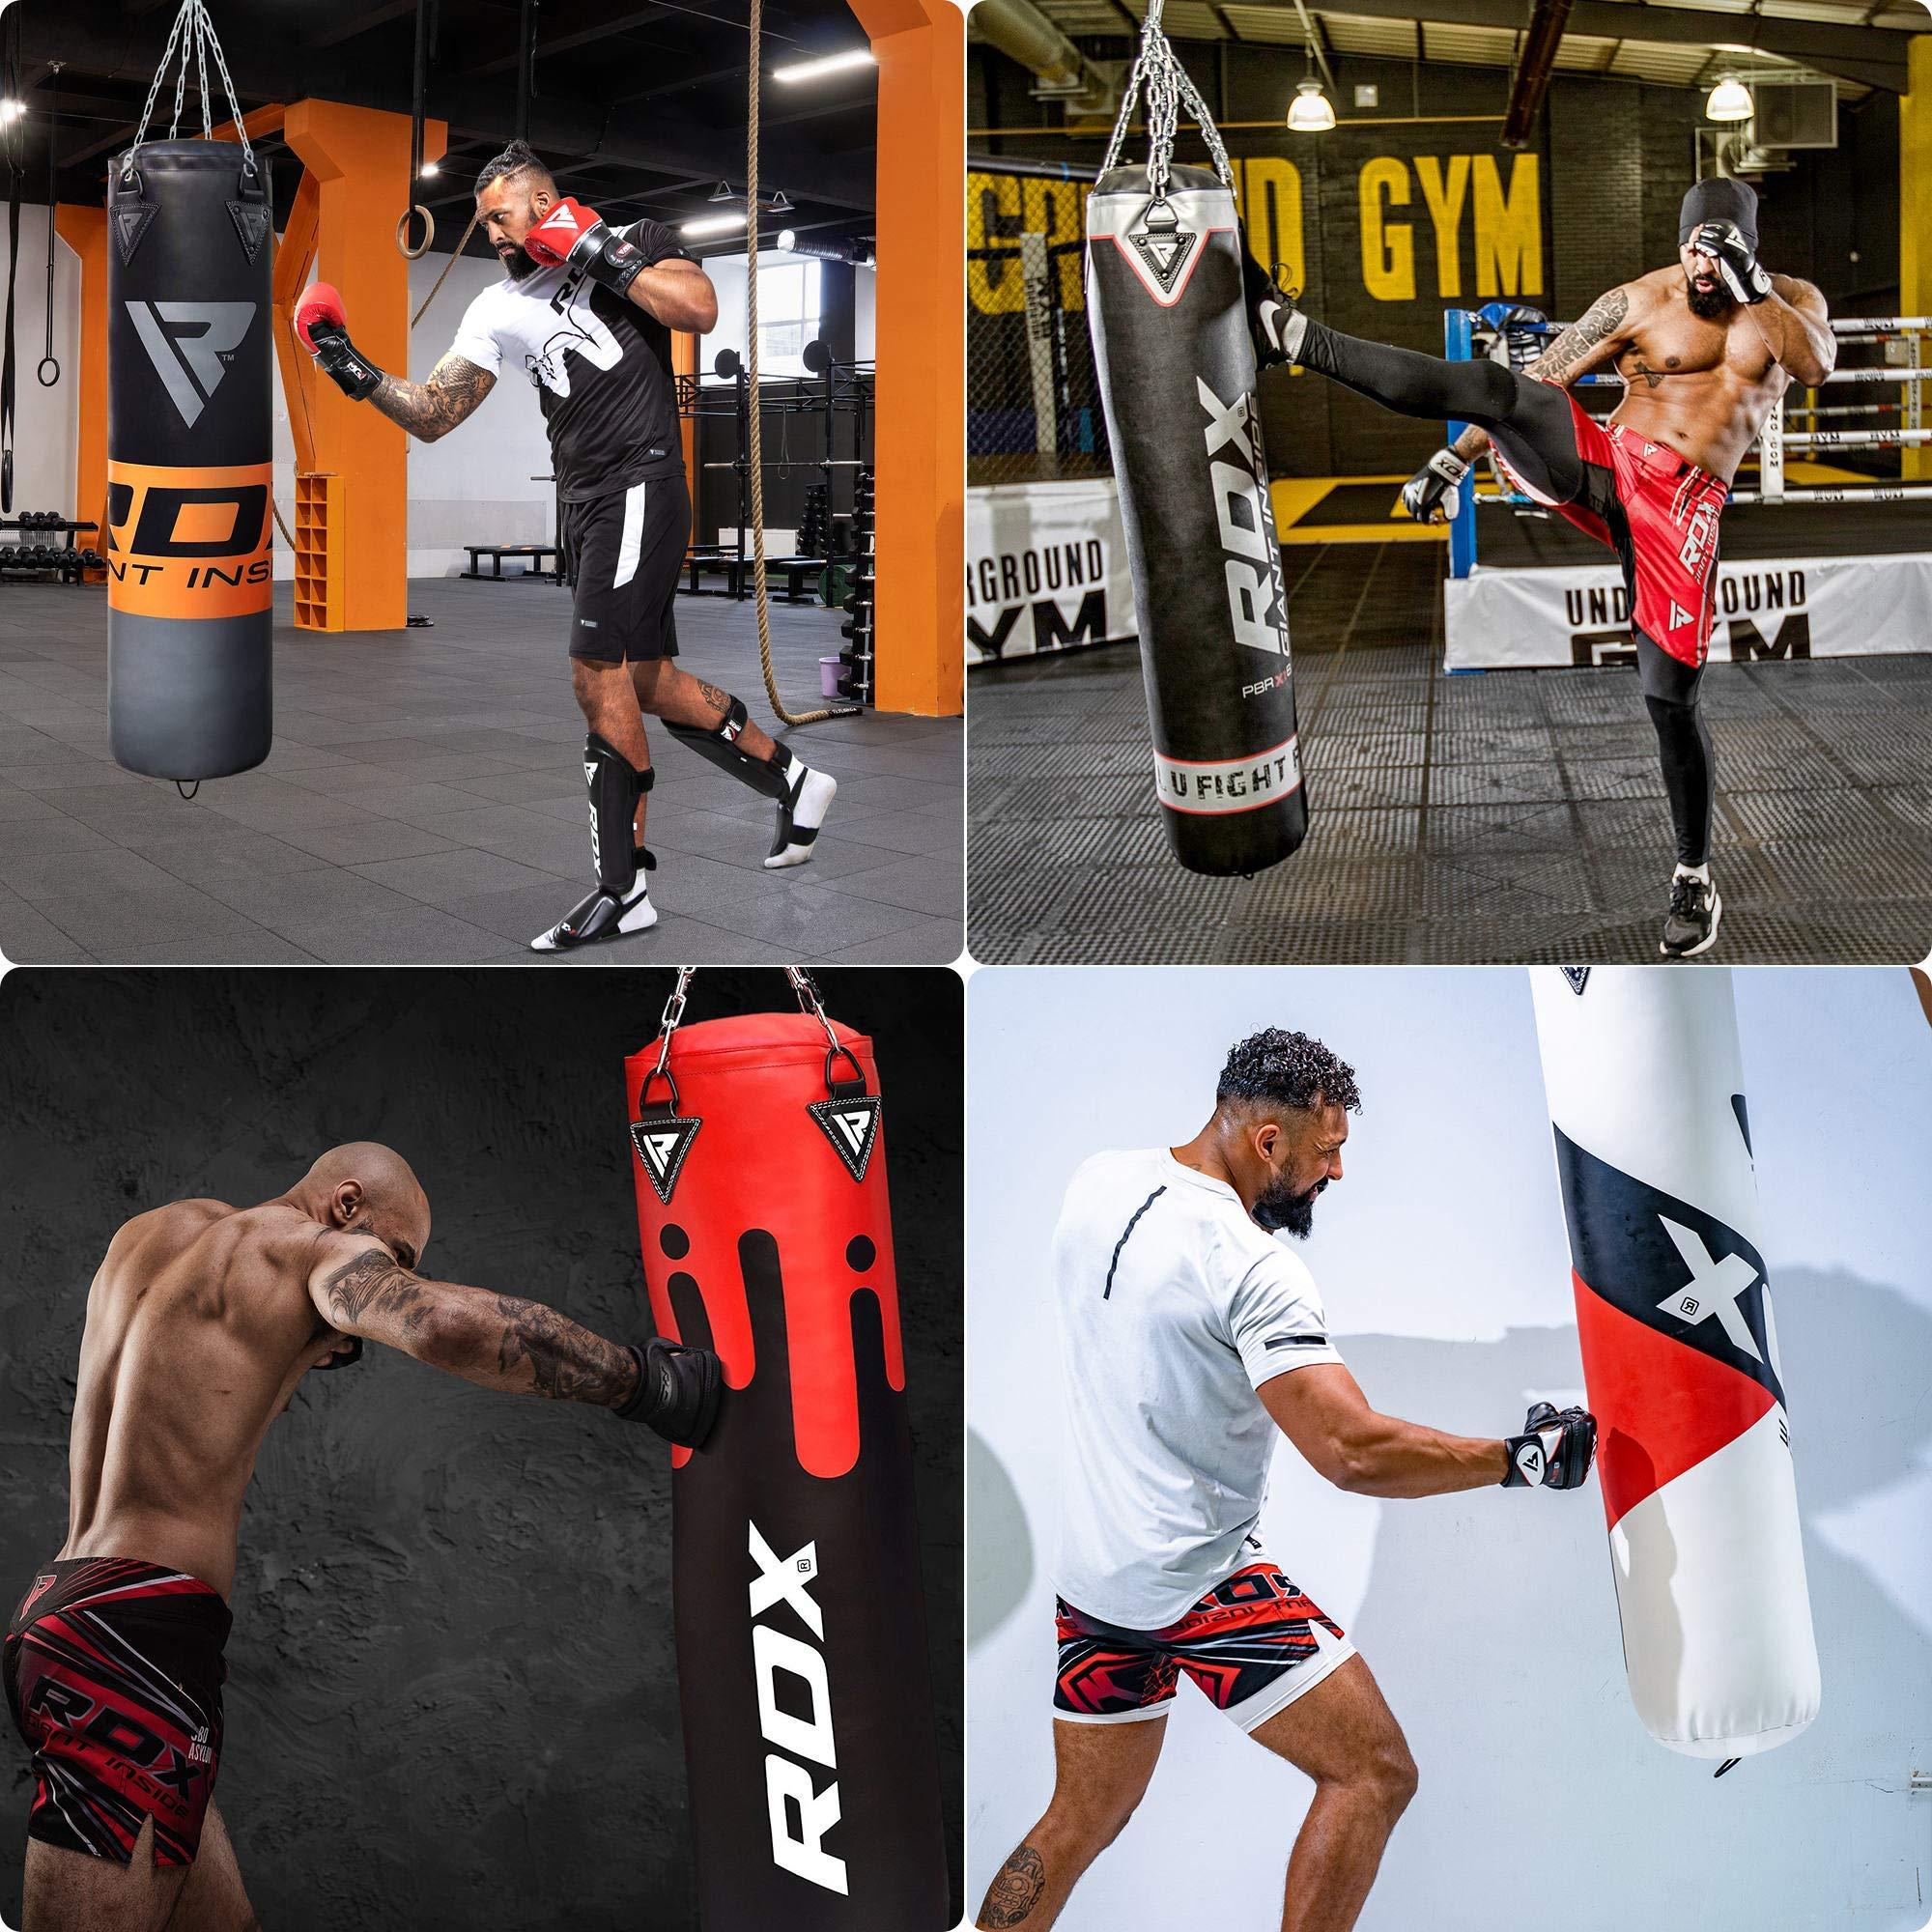 RDX Saco de Boxeo Relleno MMA Muay Thai Kick Boxing Artes Marciales con Soporte Pared Cadena Guantes 8PC 4FT 5FT Punching Bag: Amazon.es: Deportes y aire libre